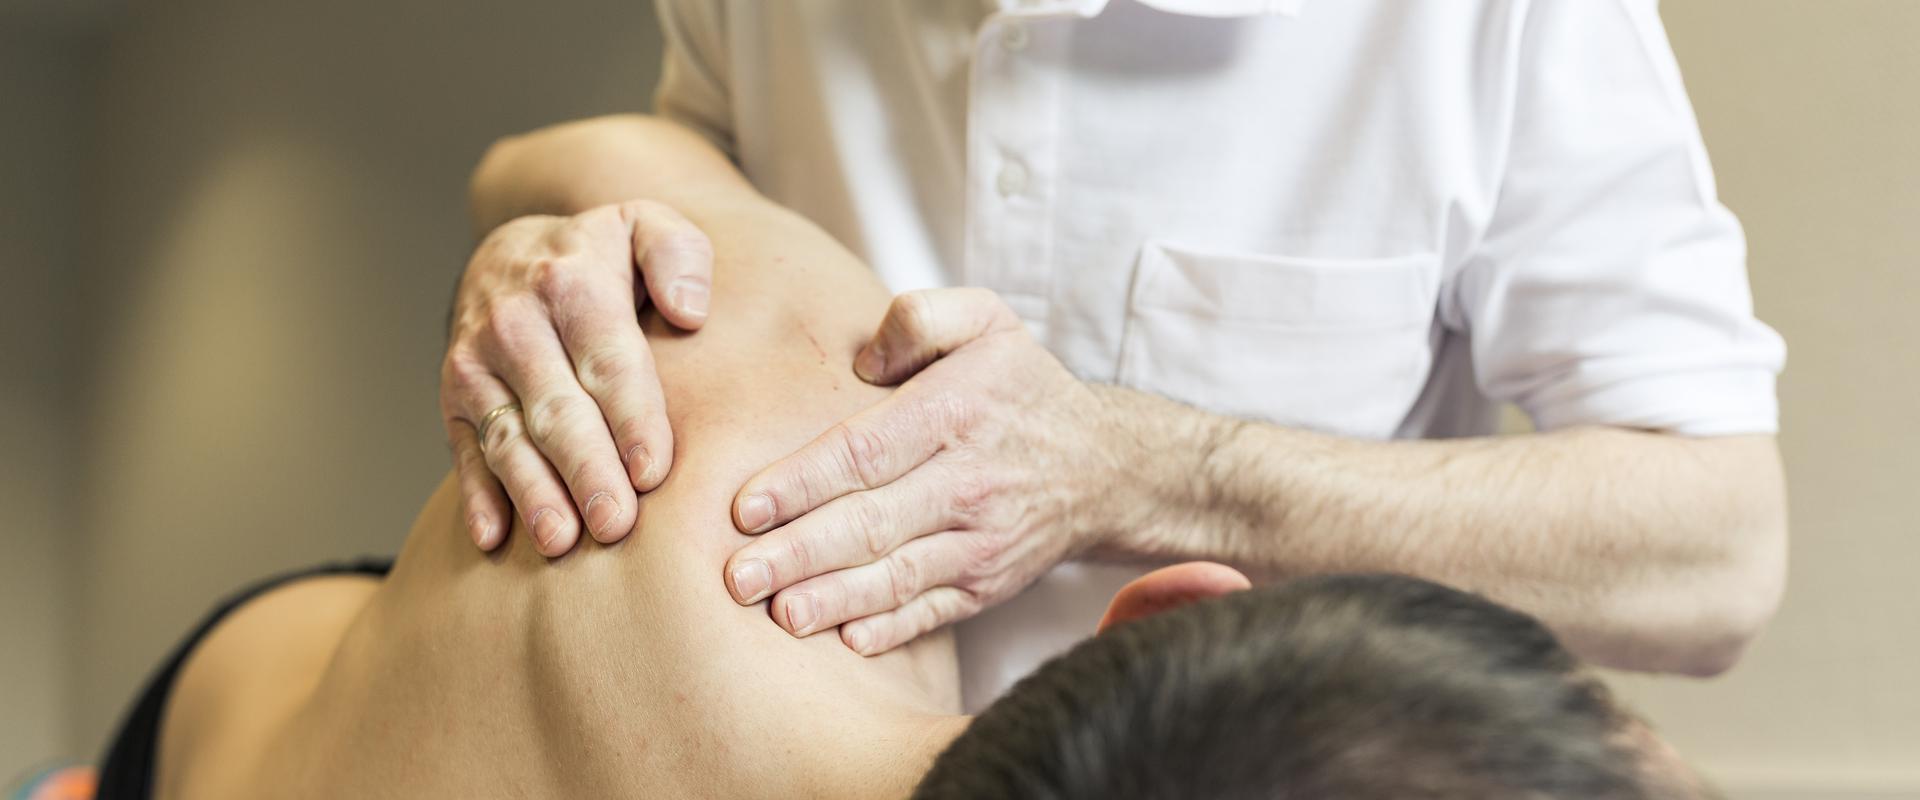 MEDIAN Klinik Freizeit und Umgebung Massage